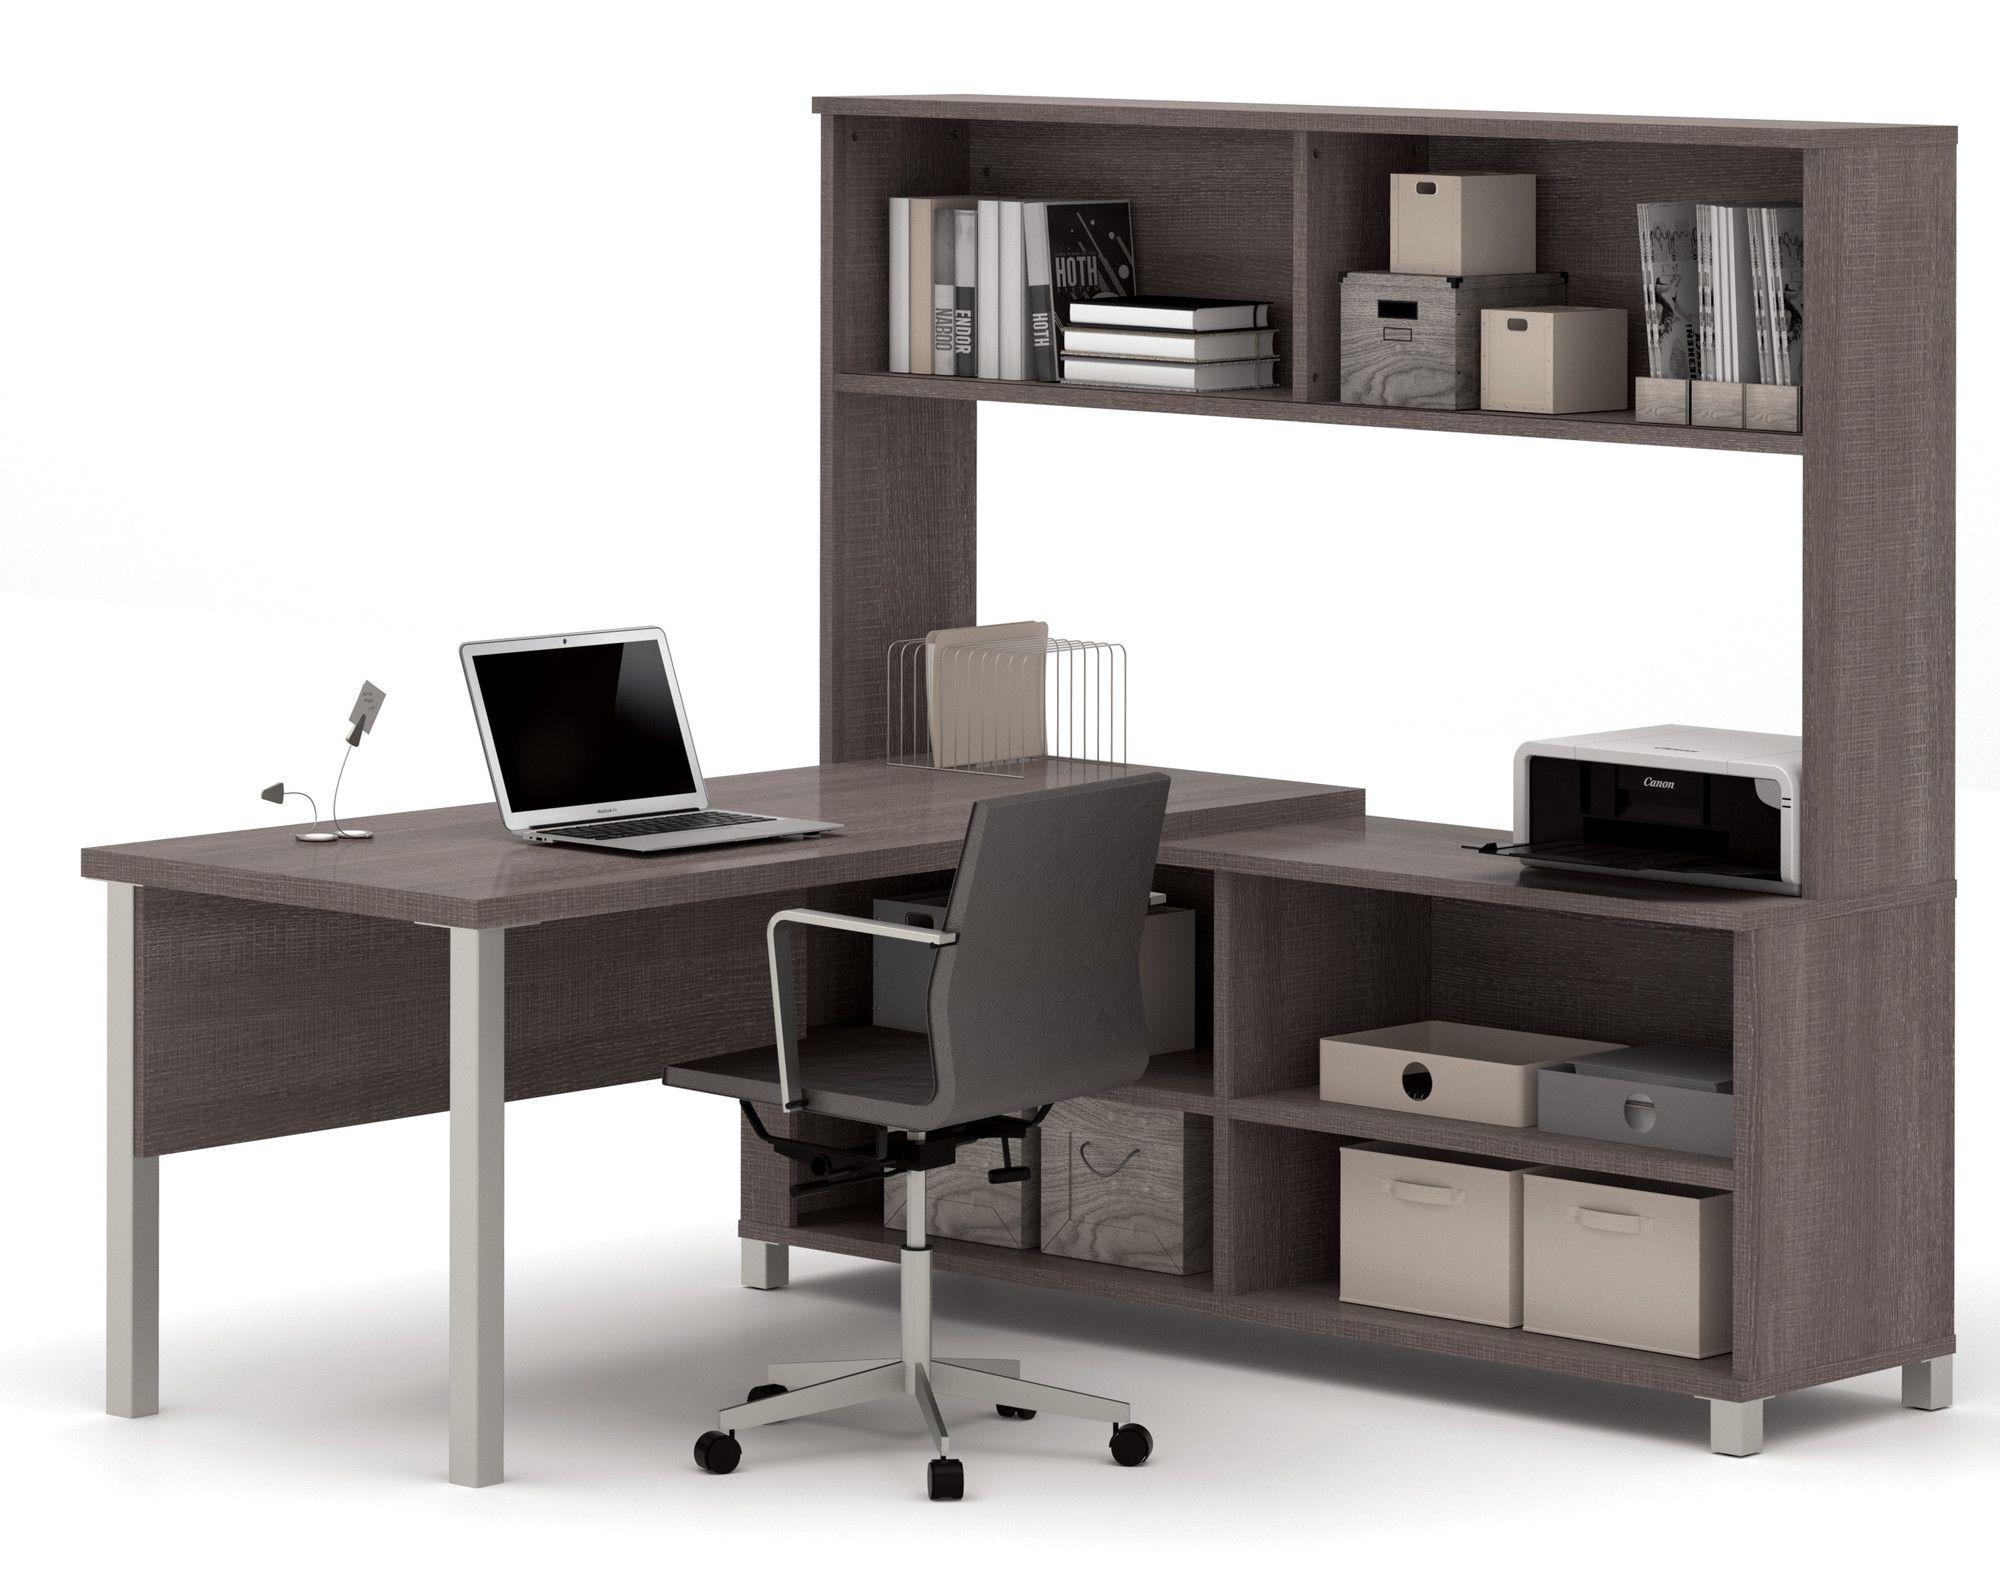 Ariana 3 Piece L Shape Desk Office Suite